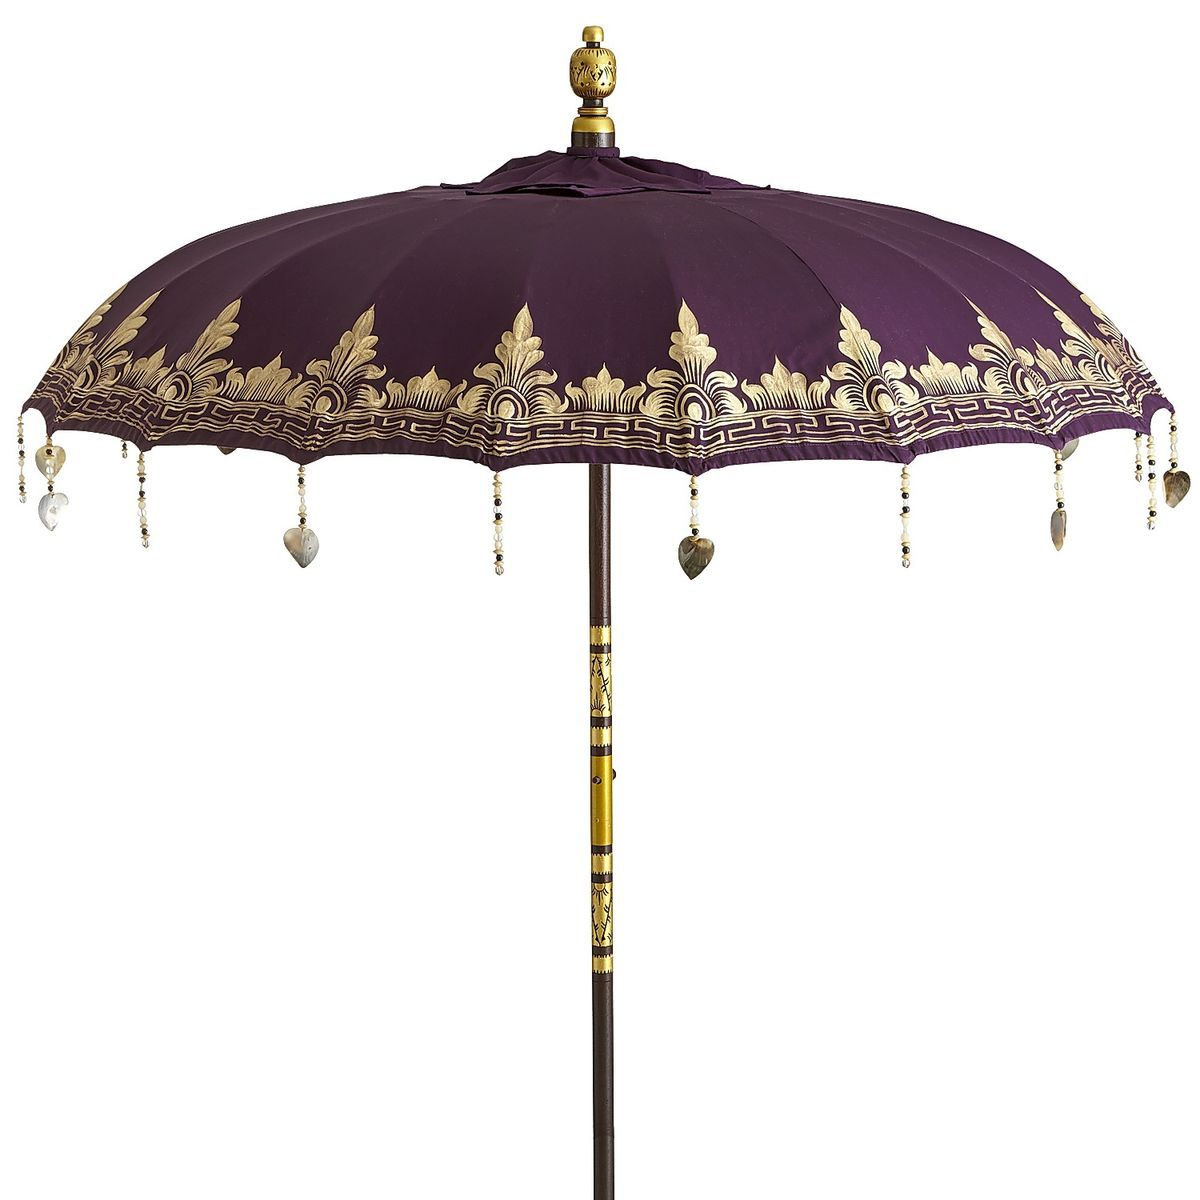 Patio Umbrellas | Free Shipping Over $49 | Pier1.com